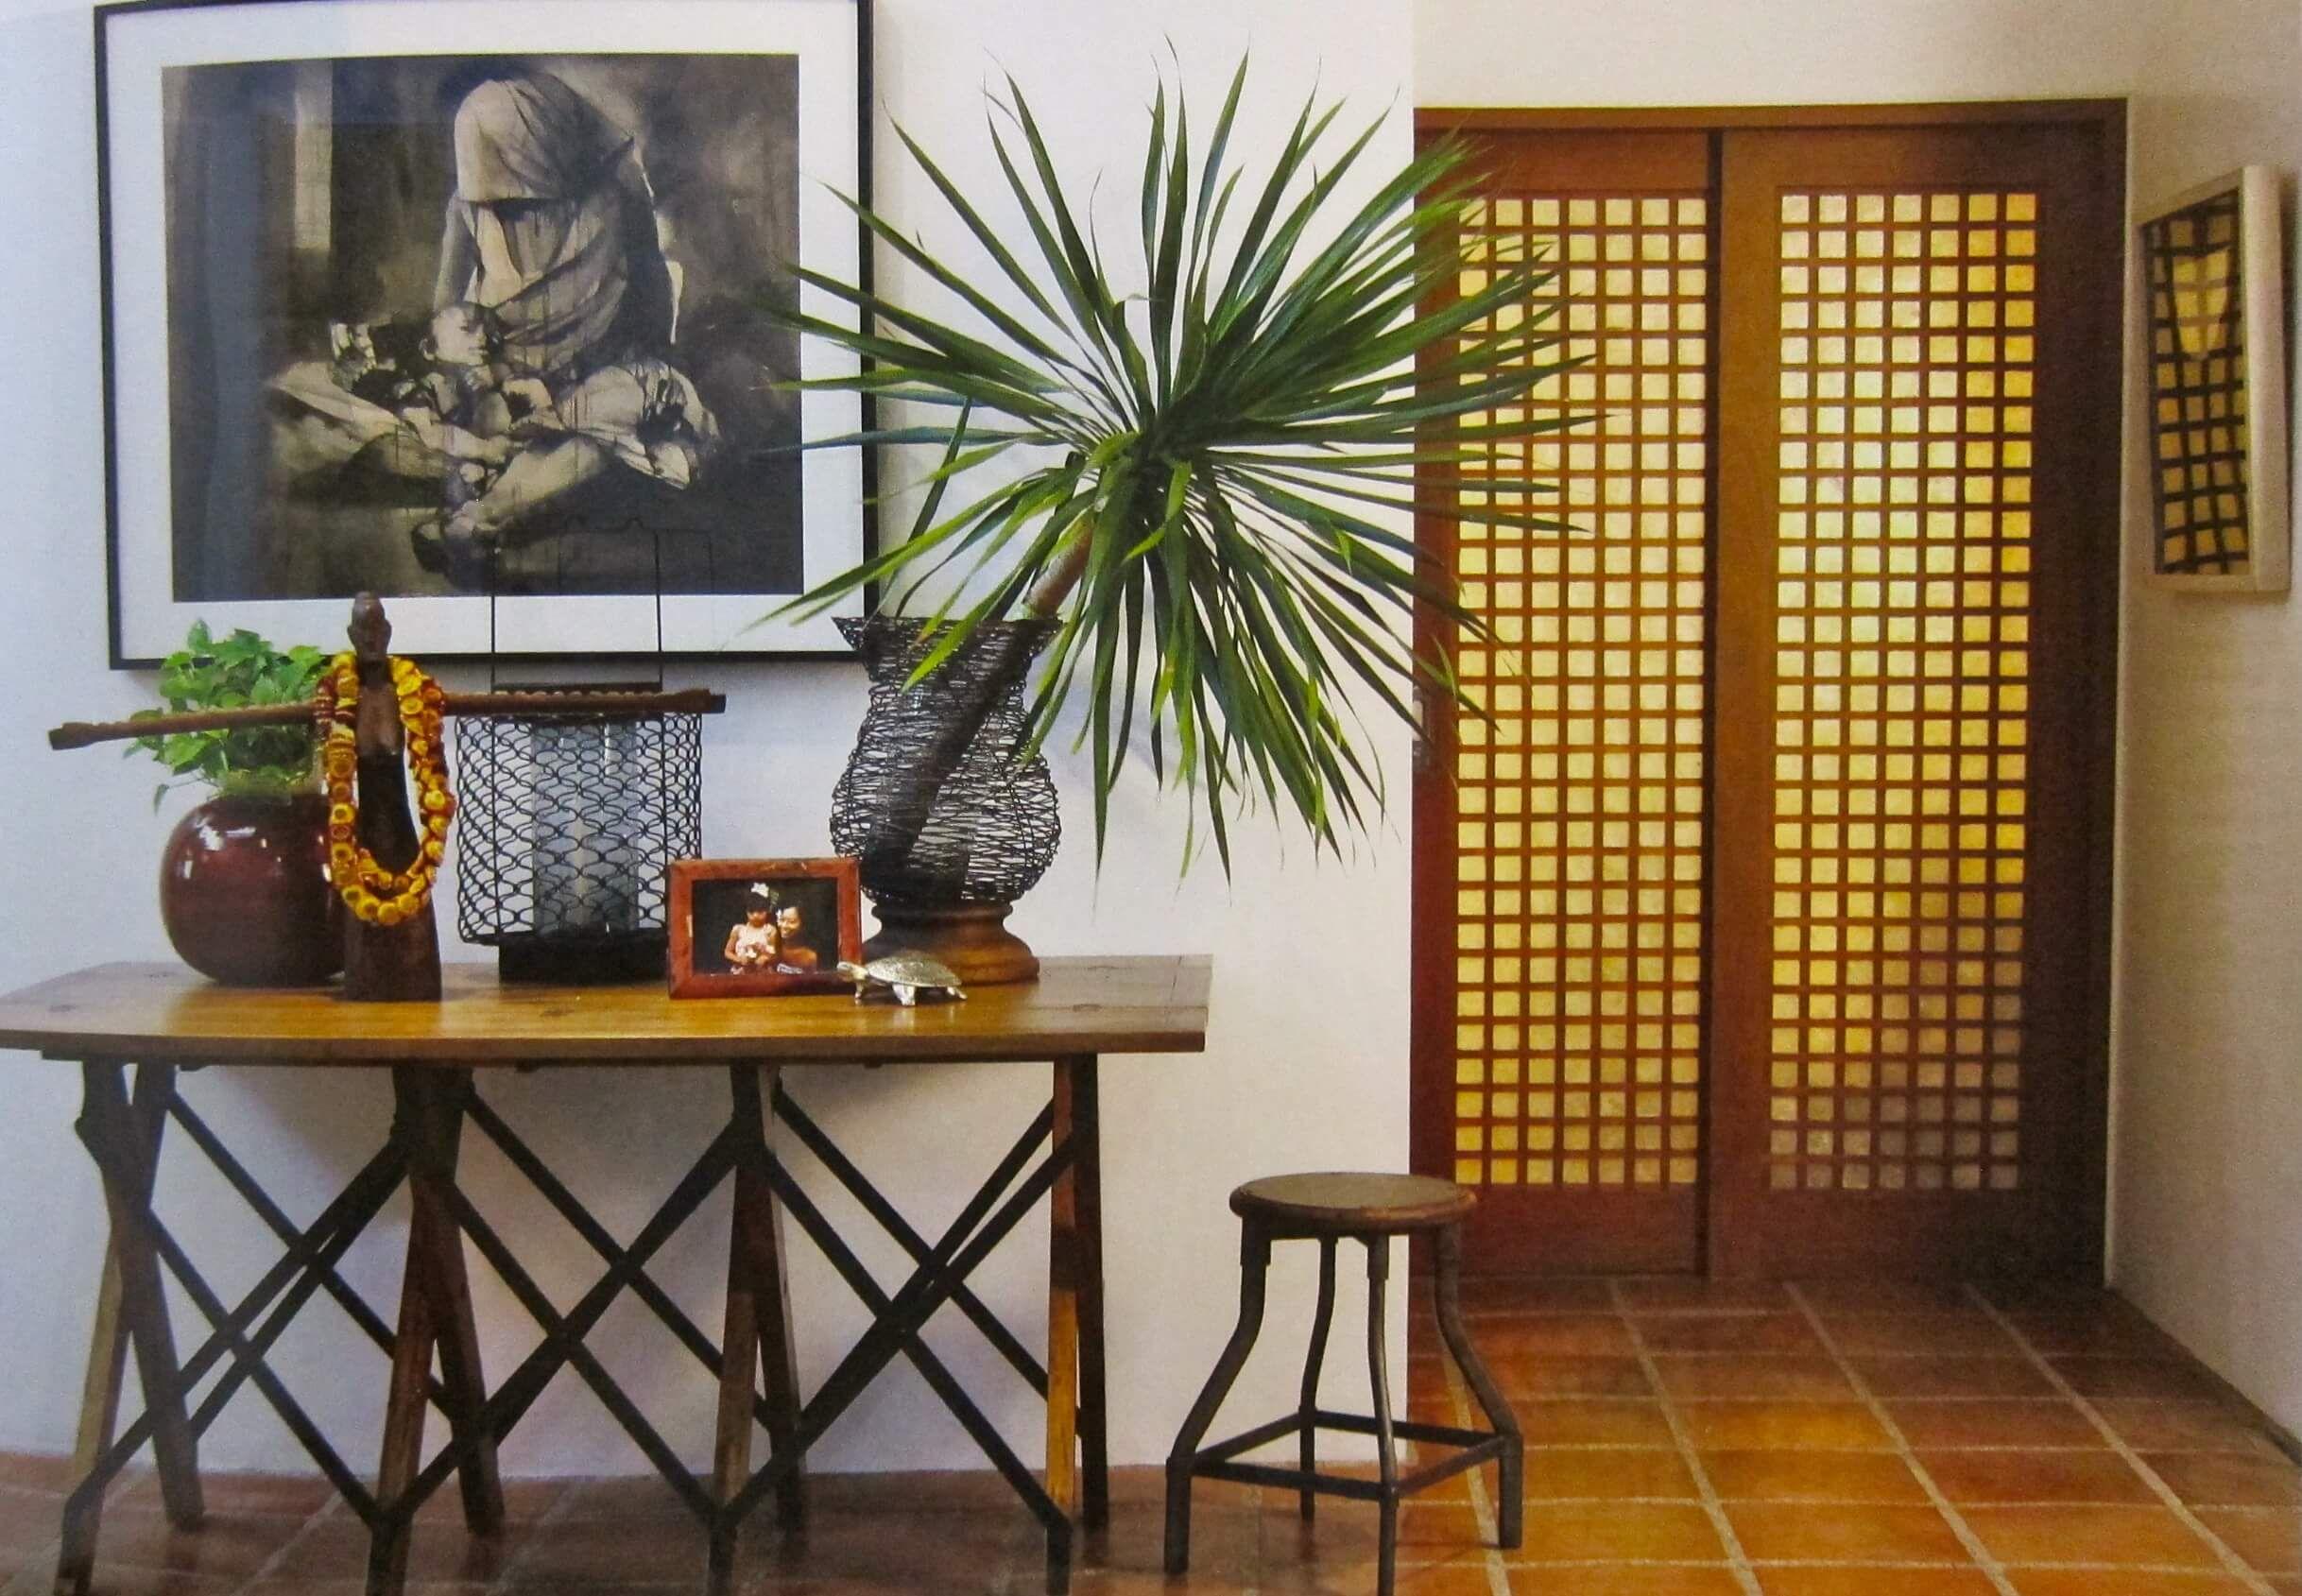 Pin By Shine Sun On Diy Home Decor Asian Home Decor Modern Filipino Interior Filipino Interior Design